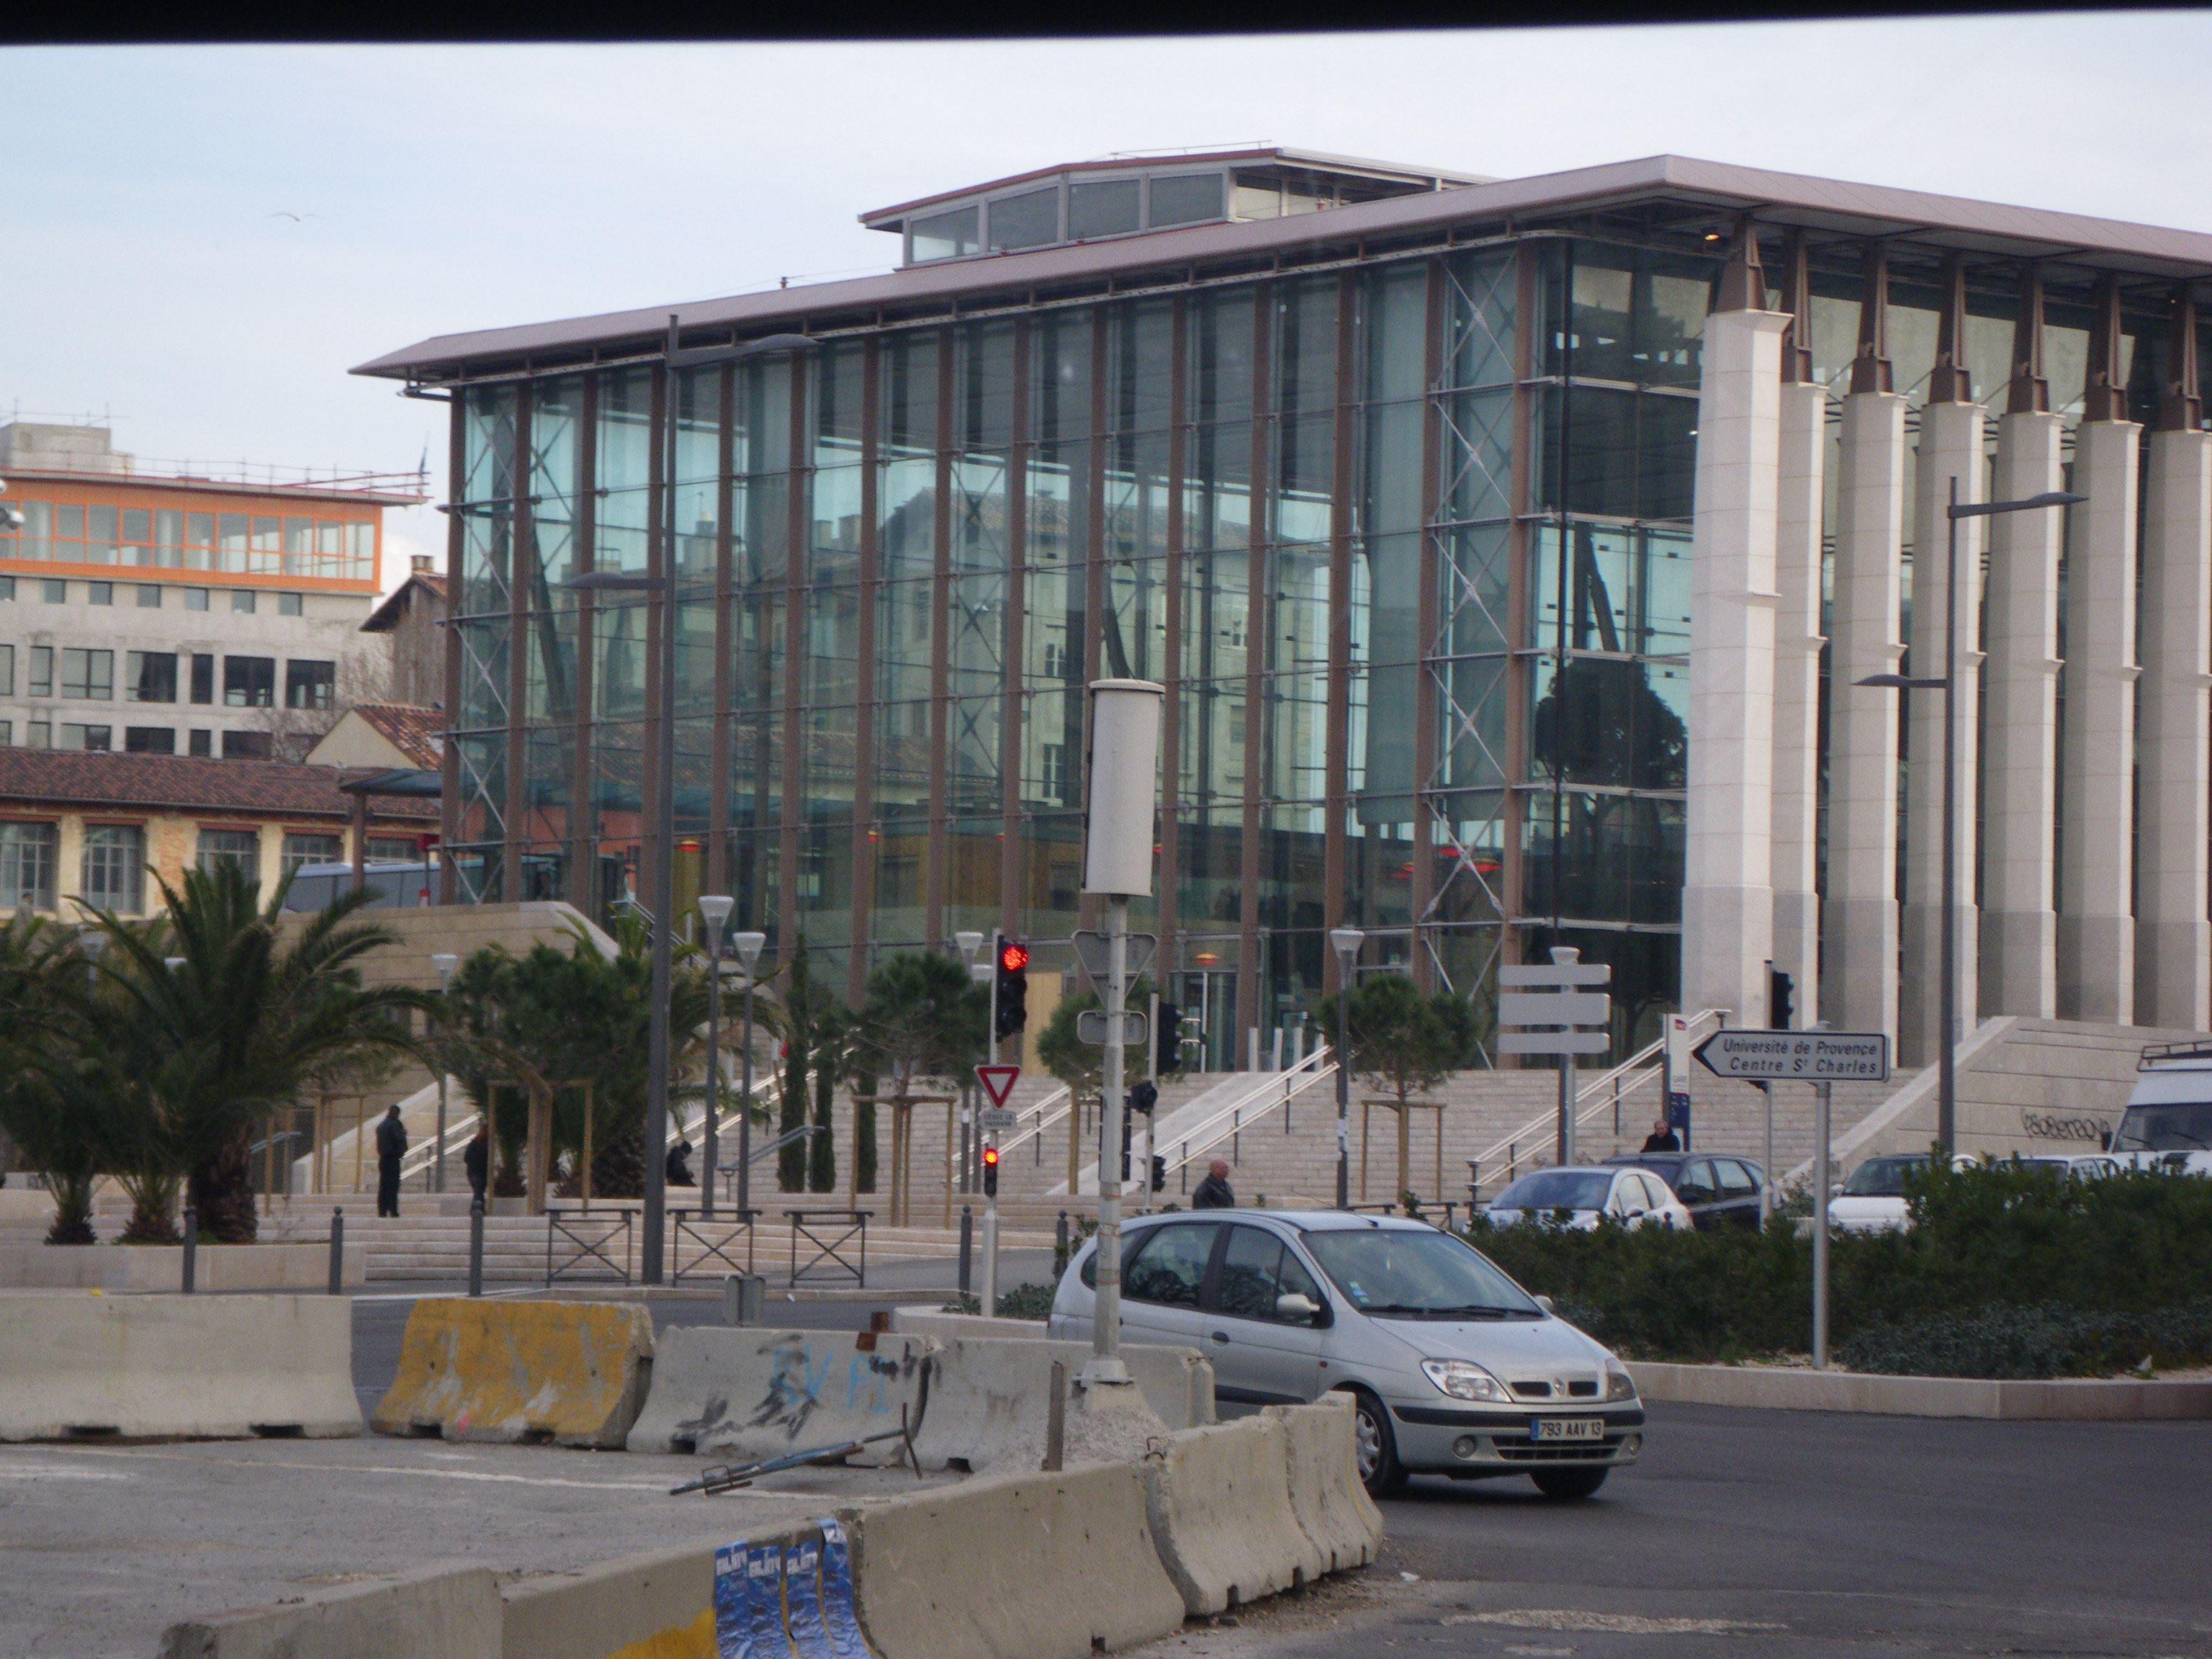 Découverte du quartier Saint-Charles et de l'exposition « Marseille de la Ville à la Métropole.Un demi-siècle d'histoire urbaine »